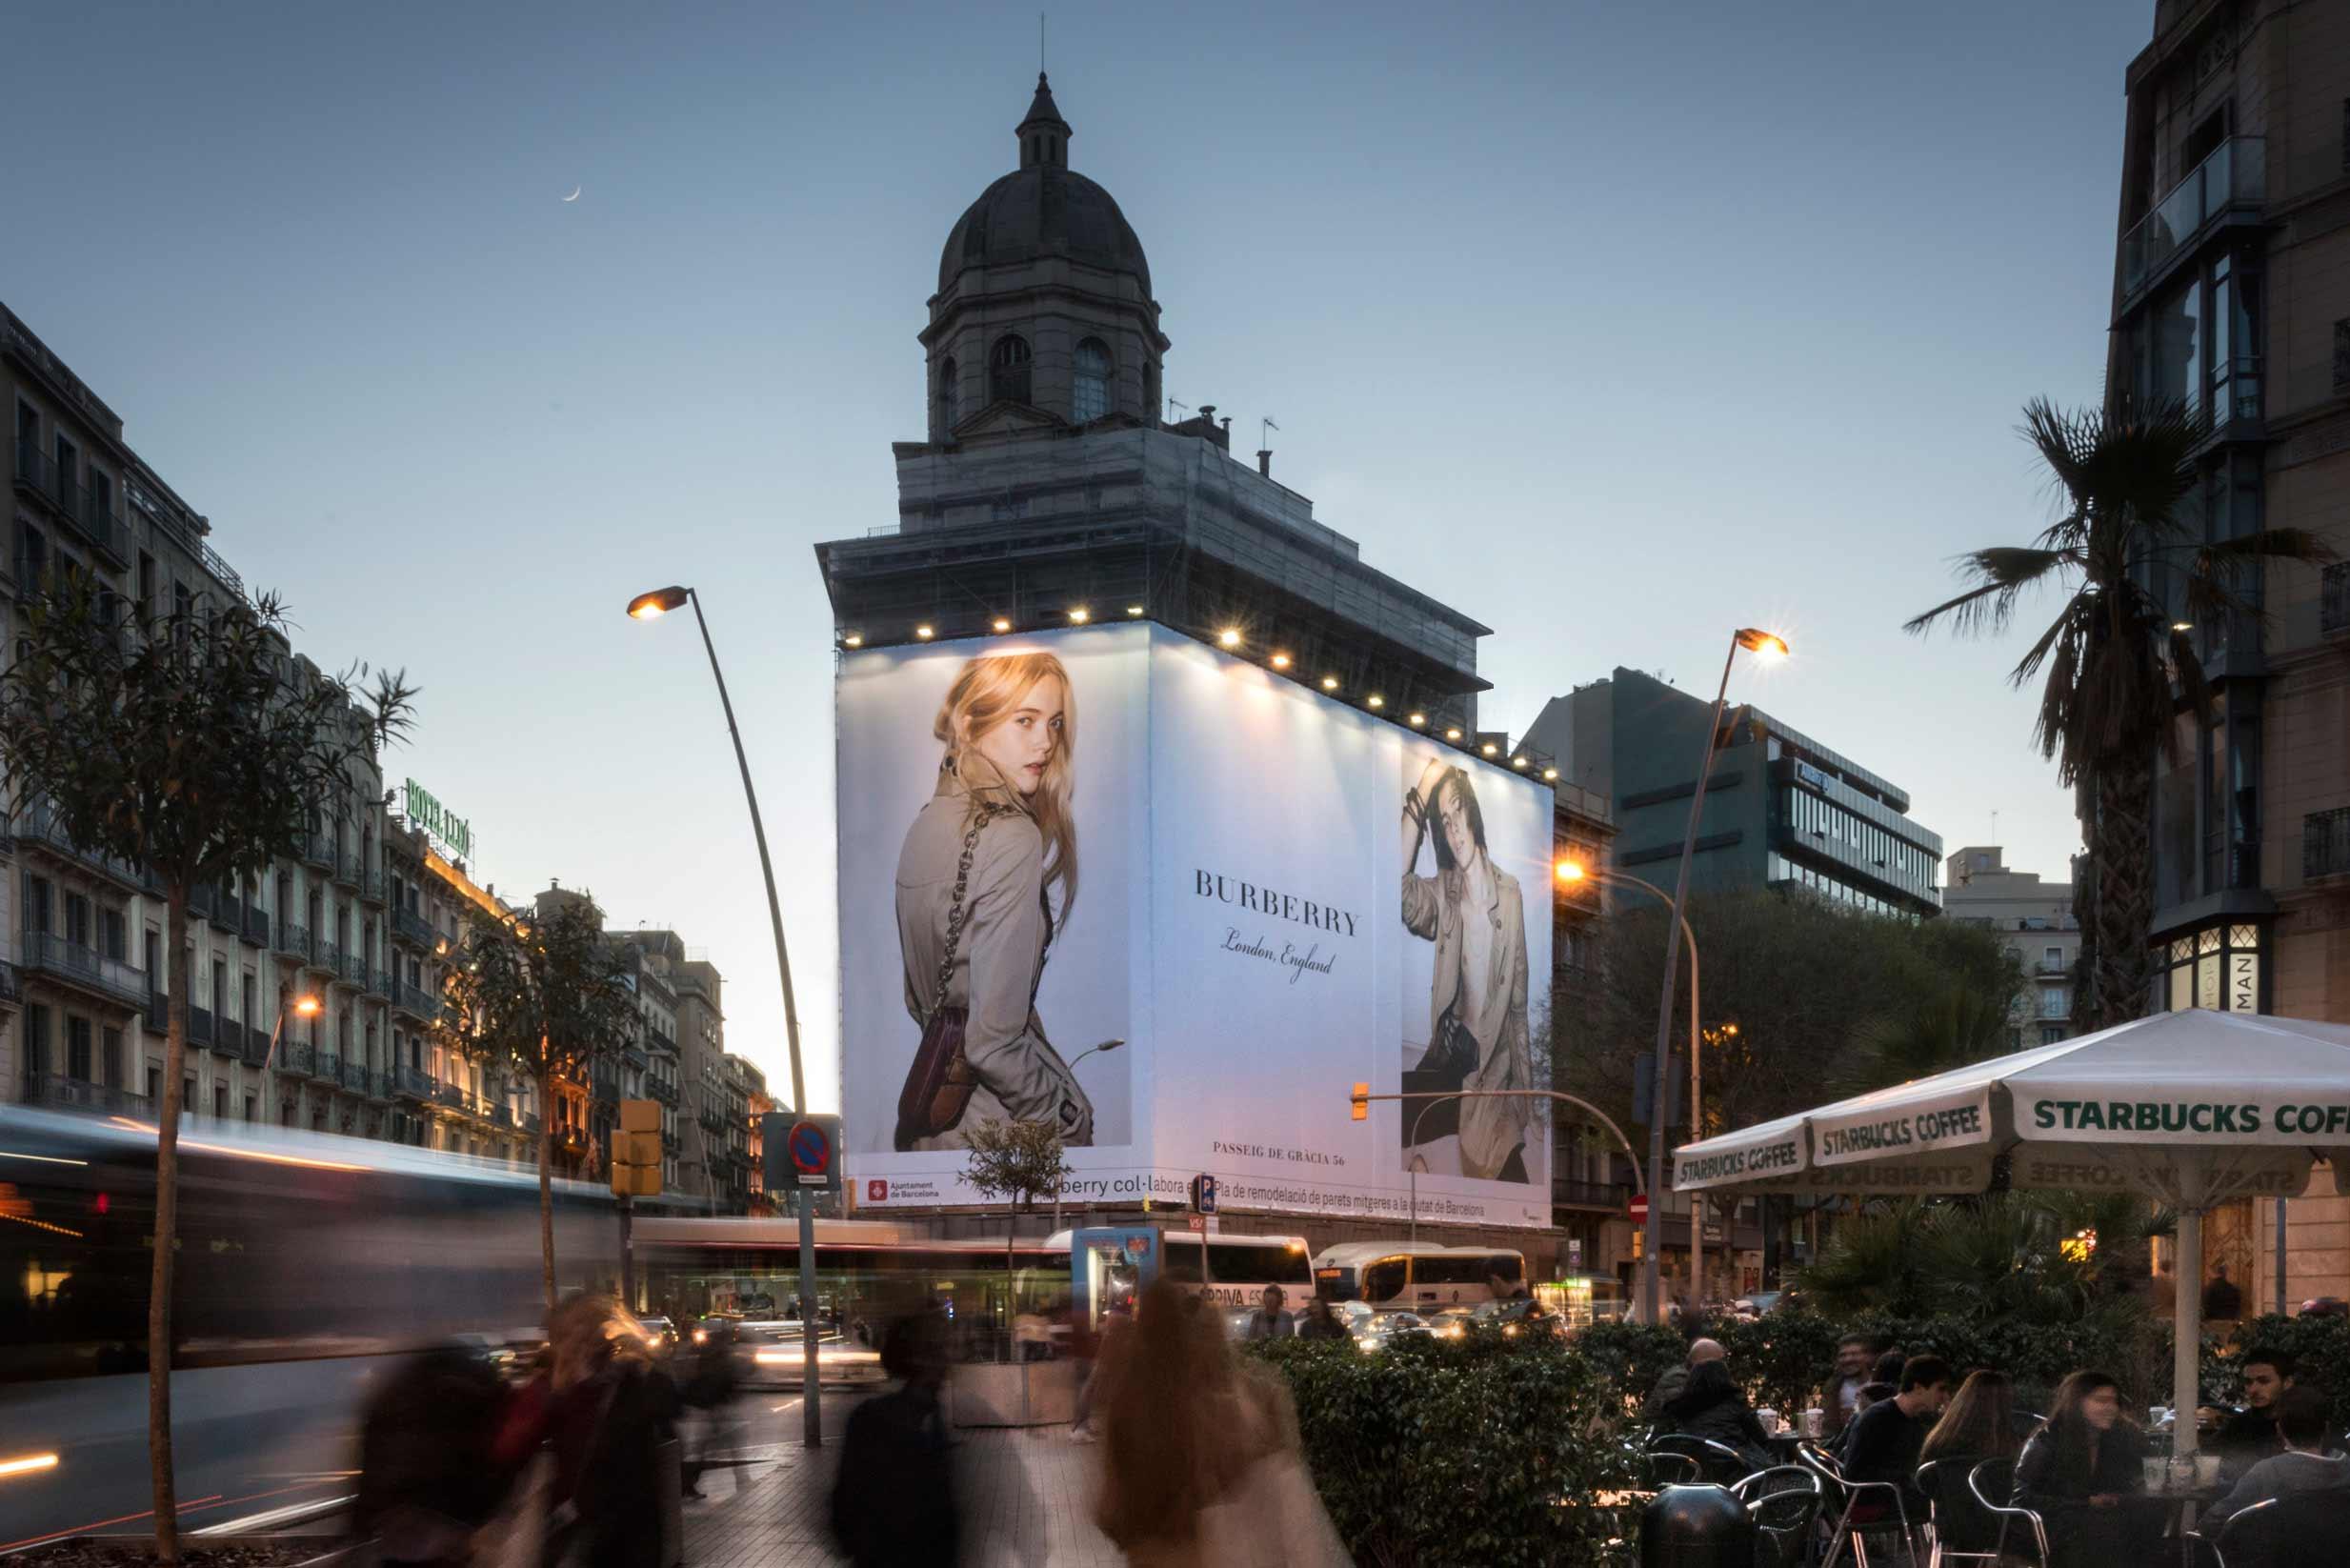 lona-publicitaria-barcelona-balmes-1-burberry-vsa-comunicacion